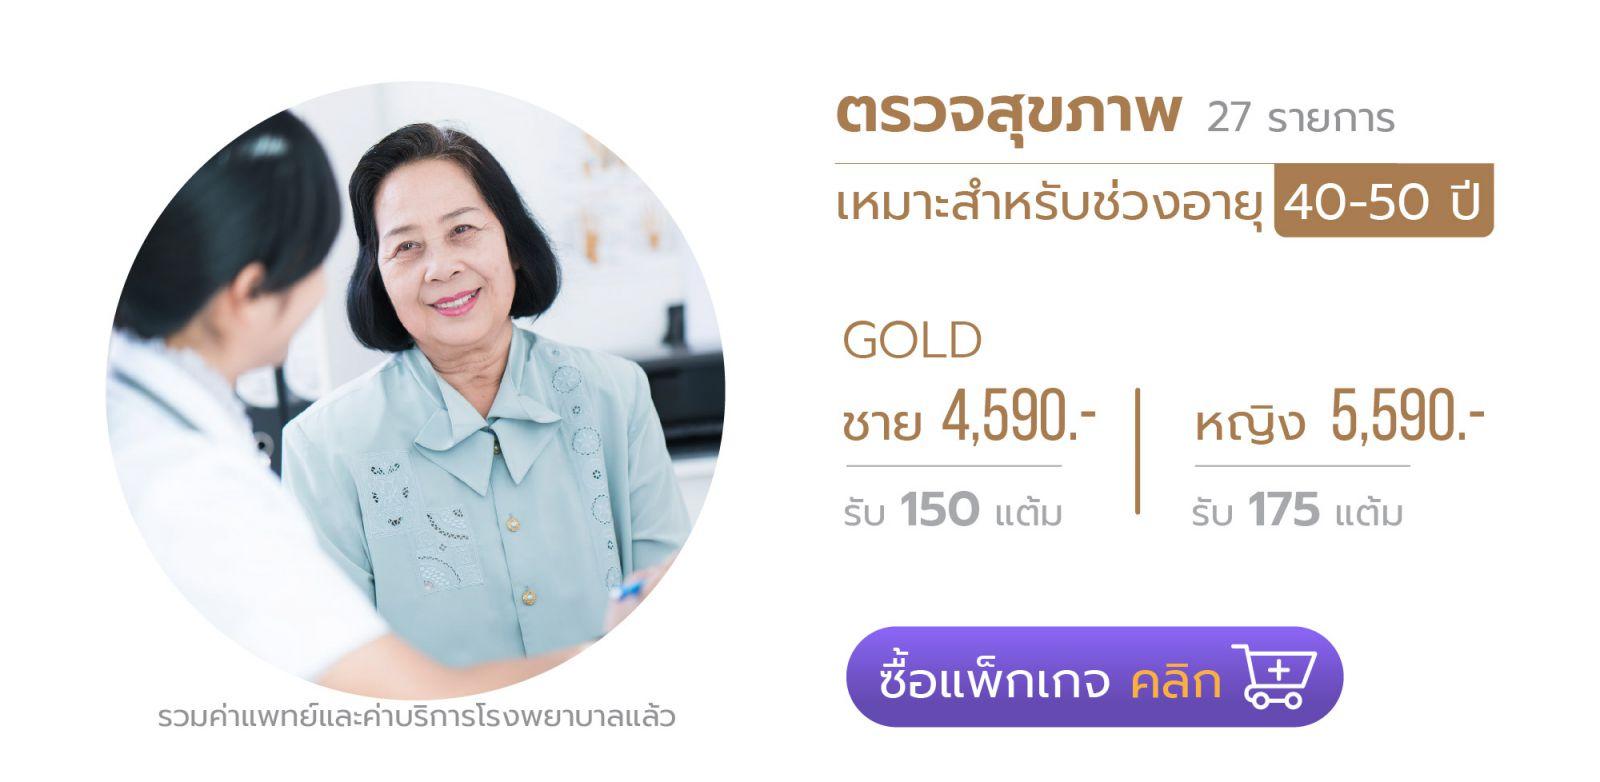 ตรวจสุขภาพอายุ40-50ปี